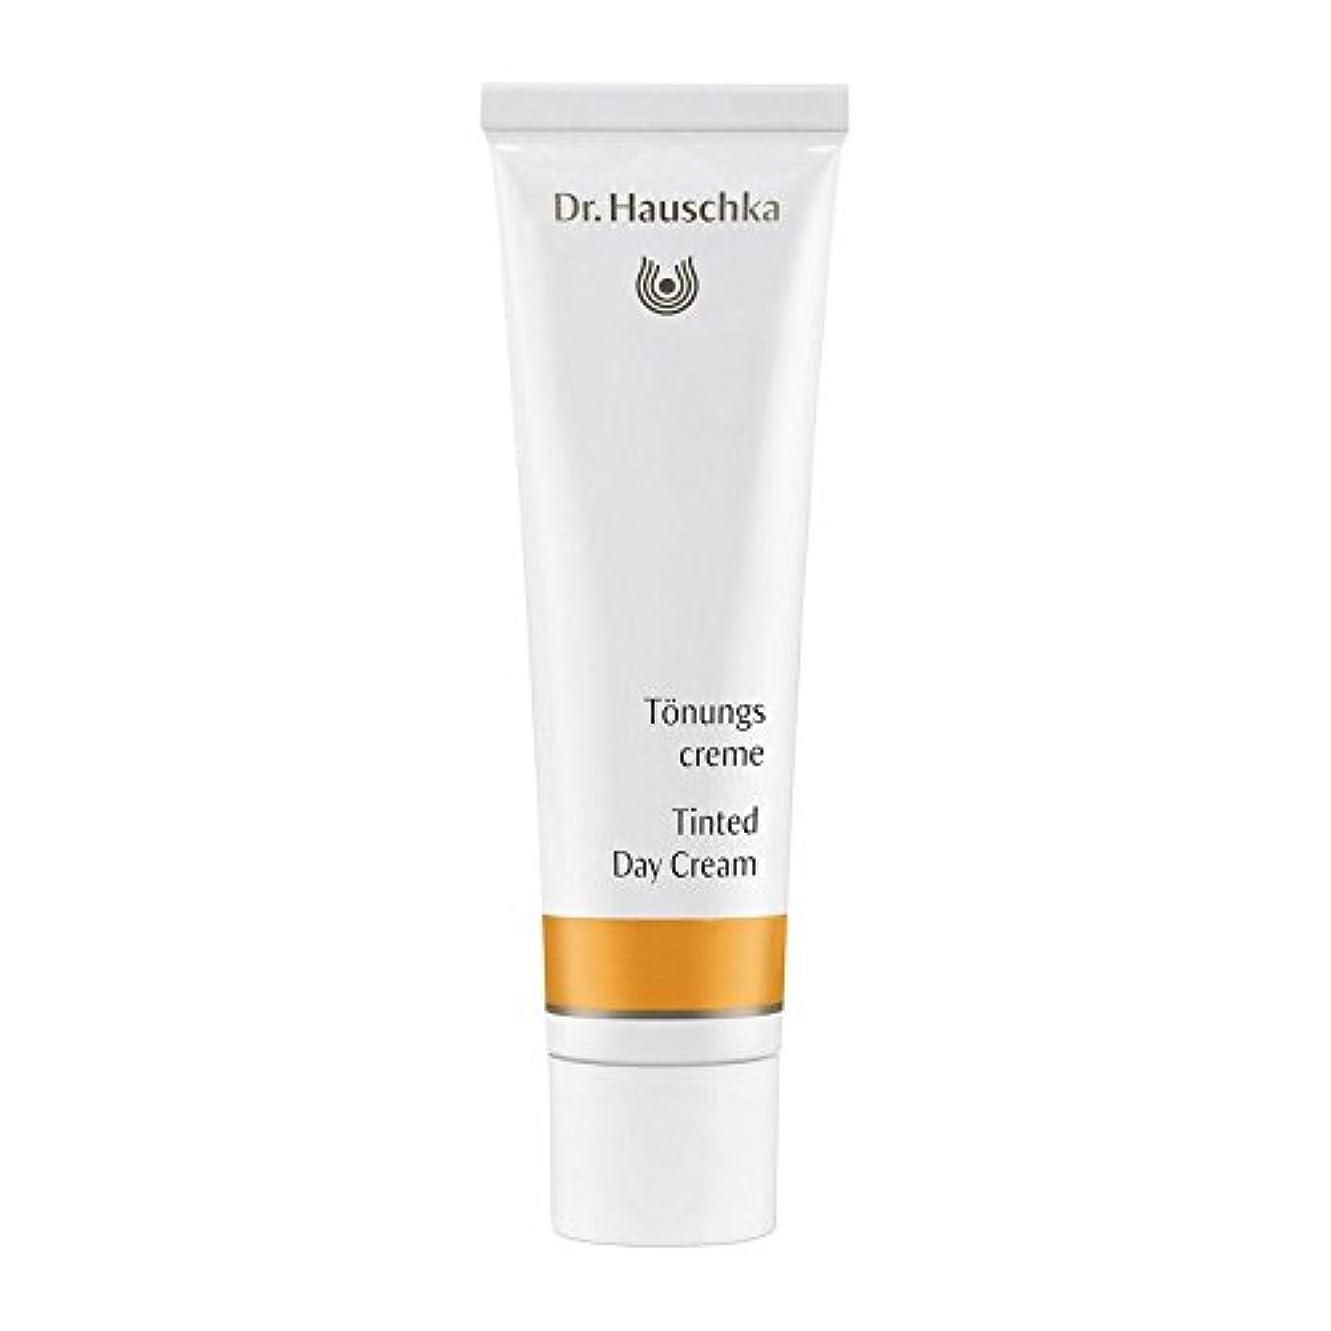 容量違反するジャンプハウシュカ着色デイクリーム30 x4 - Dr. Hauschka Tinted Day Cream 30ml (Pack of 4) [並行輸入品]